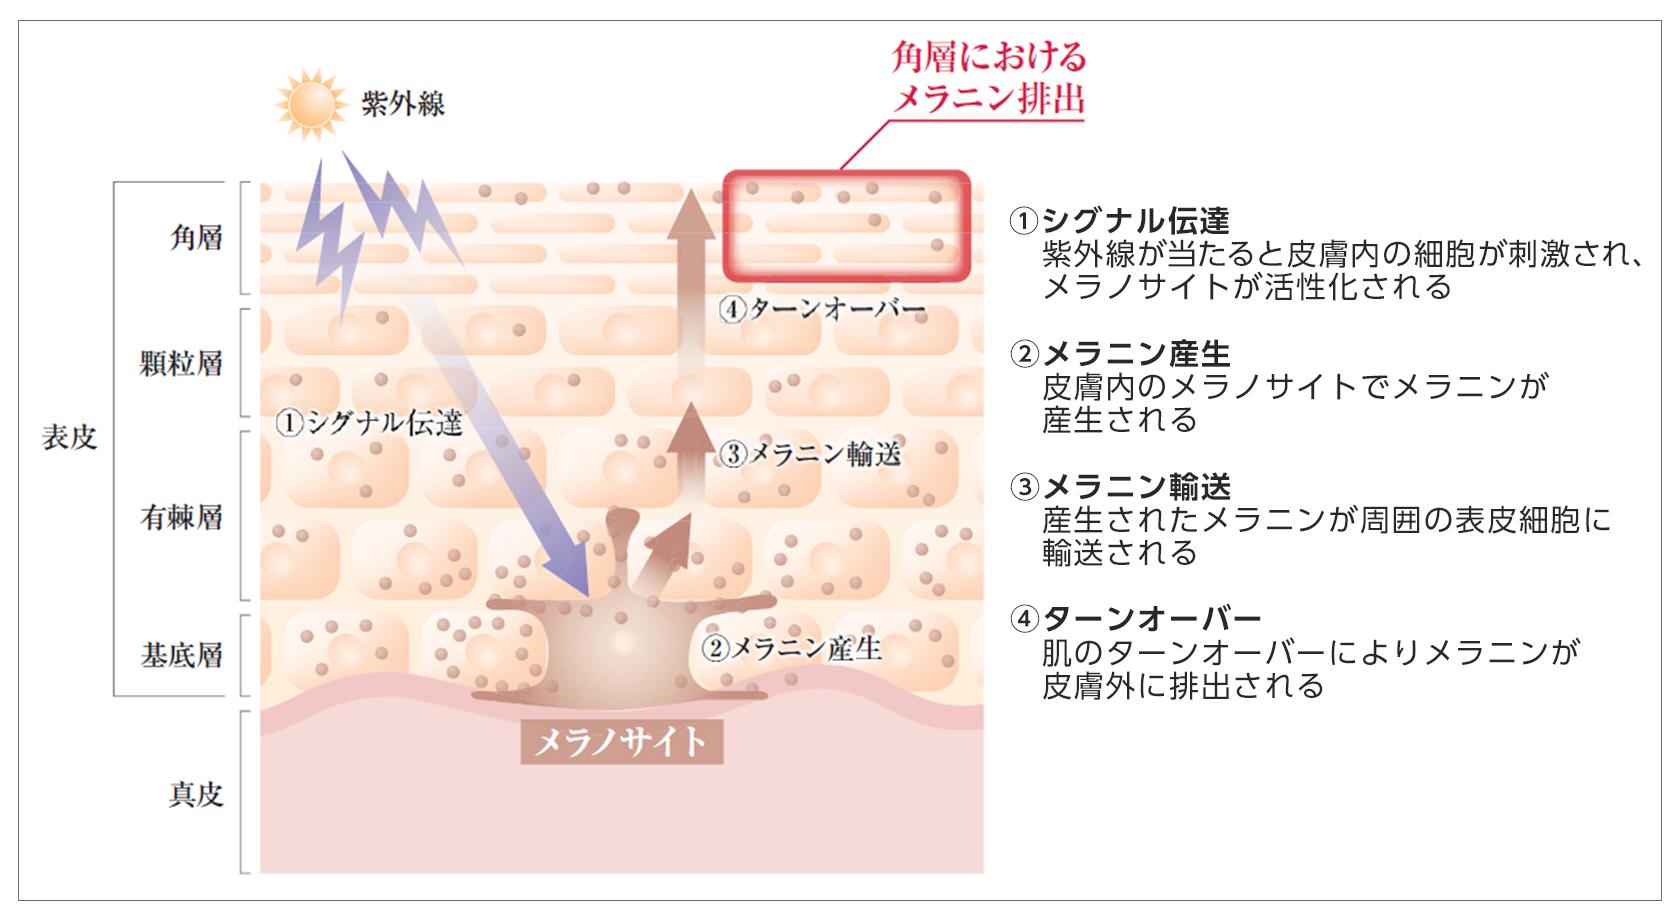 【図1】皮膚におけるメラニンの産生・代謝過程